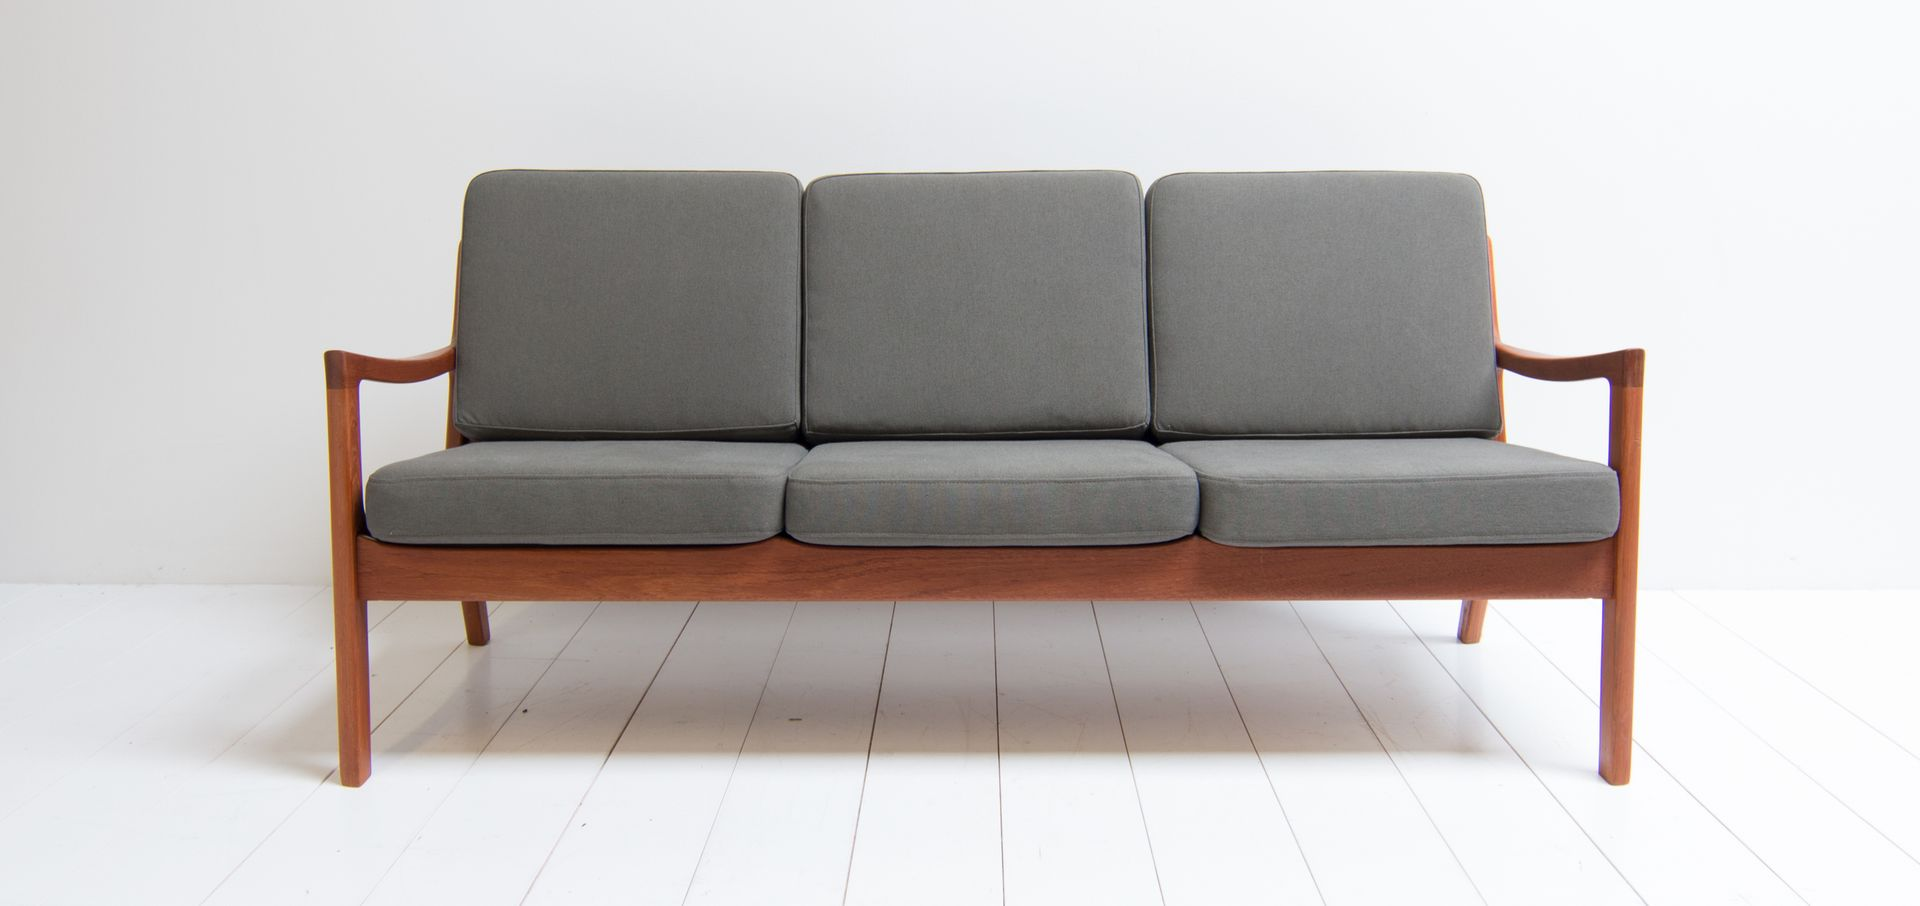 d nisches drei sitzer sofa von ole wanscher f r france s n 1960er bei pamono kaufen. Black Bedroom Furniture Sets. Home Design Ideas